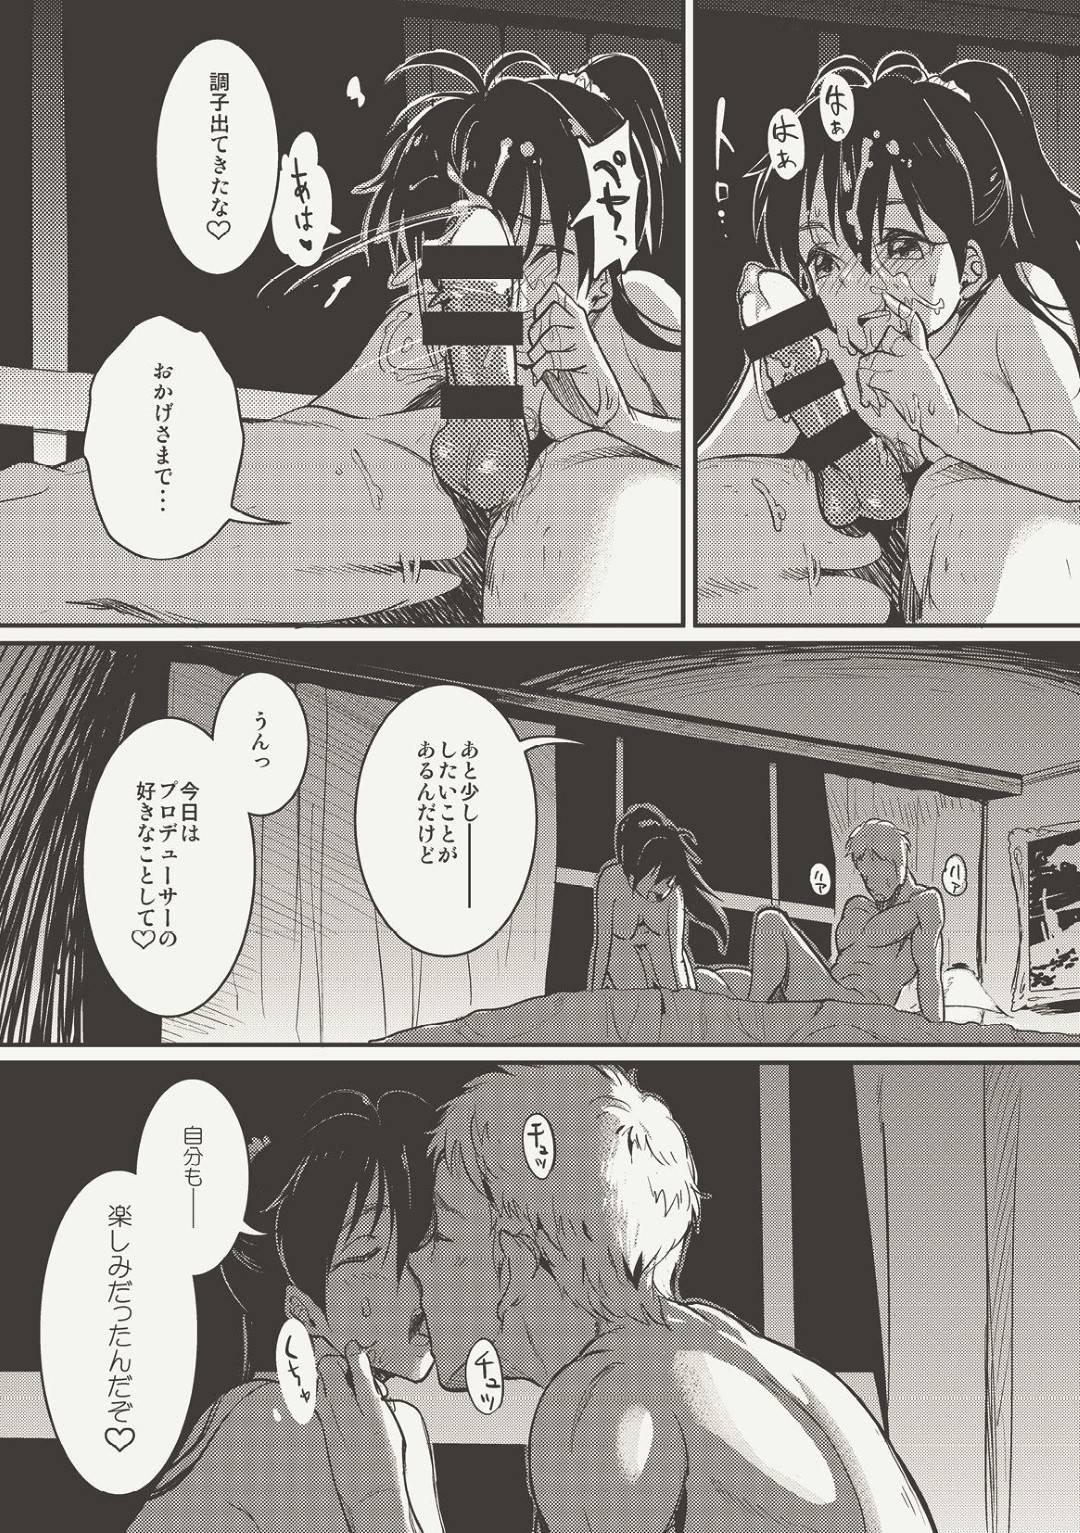 【エロ漫画】寝ているプロデューサーに夜這いを仕掛ける淫乱なアイドルの響…彼女は彼に剛毛まんこを舐めさせながらフェラし、対面座位で生挿入セックスまでさせる!【Werk:オシゴトマスター】